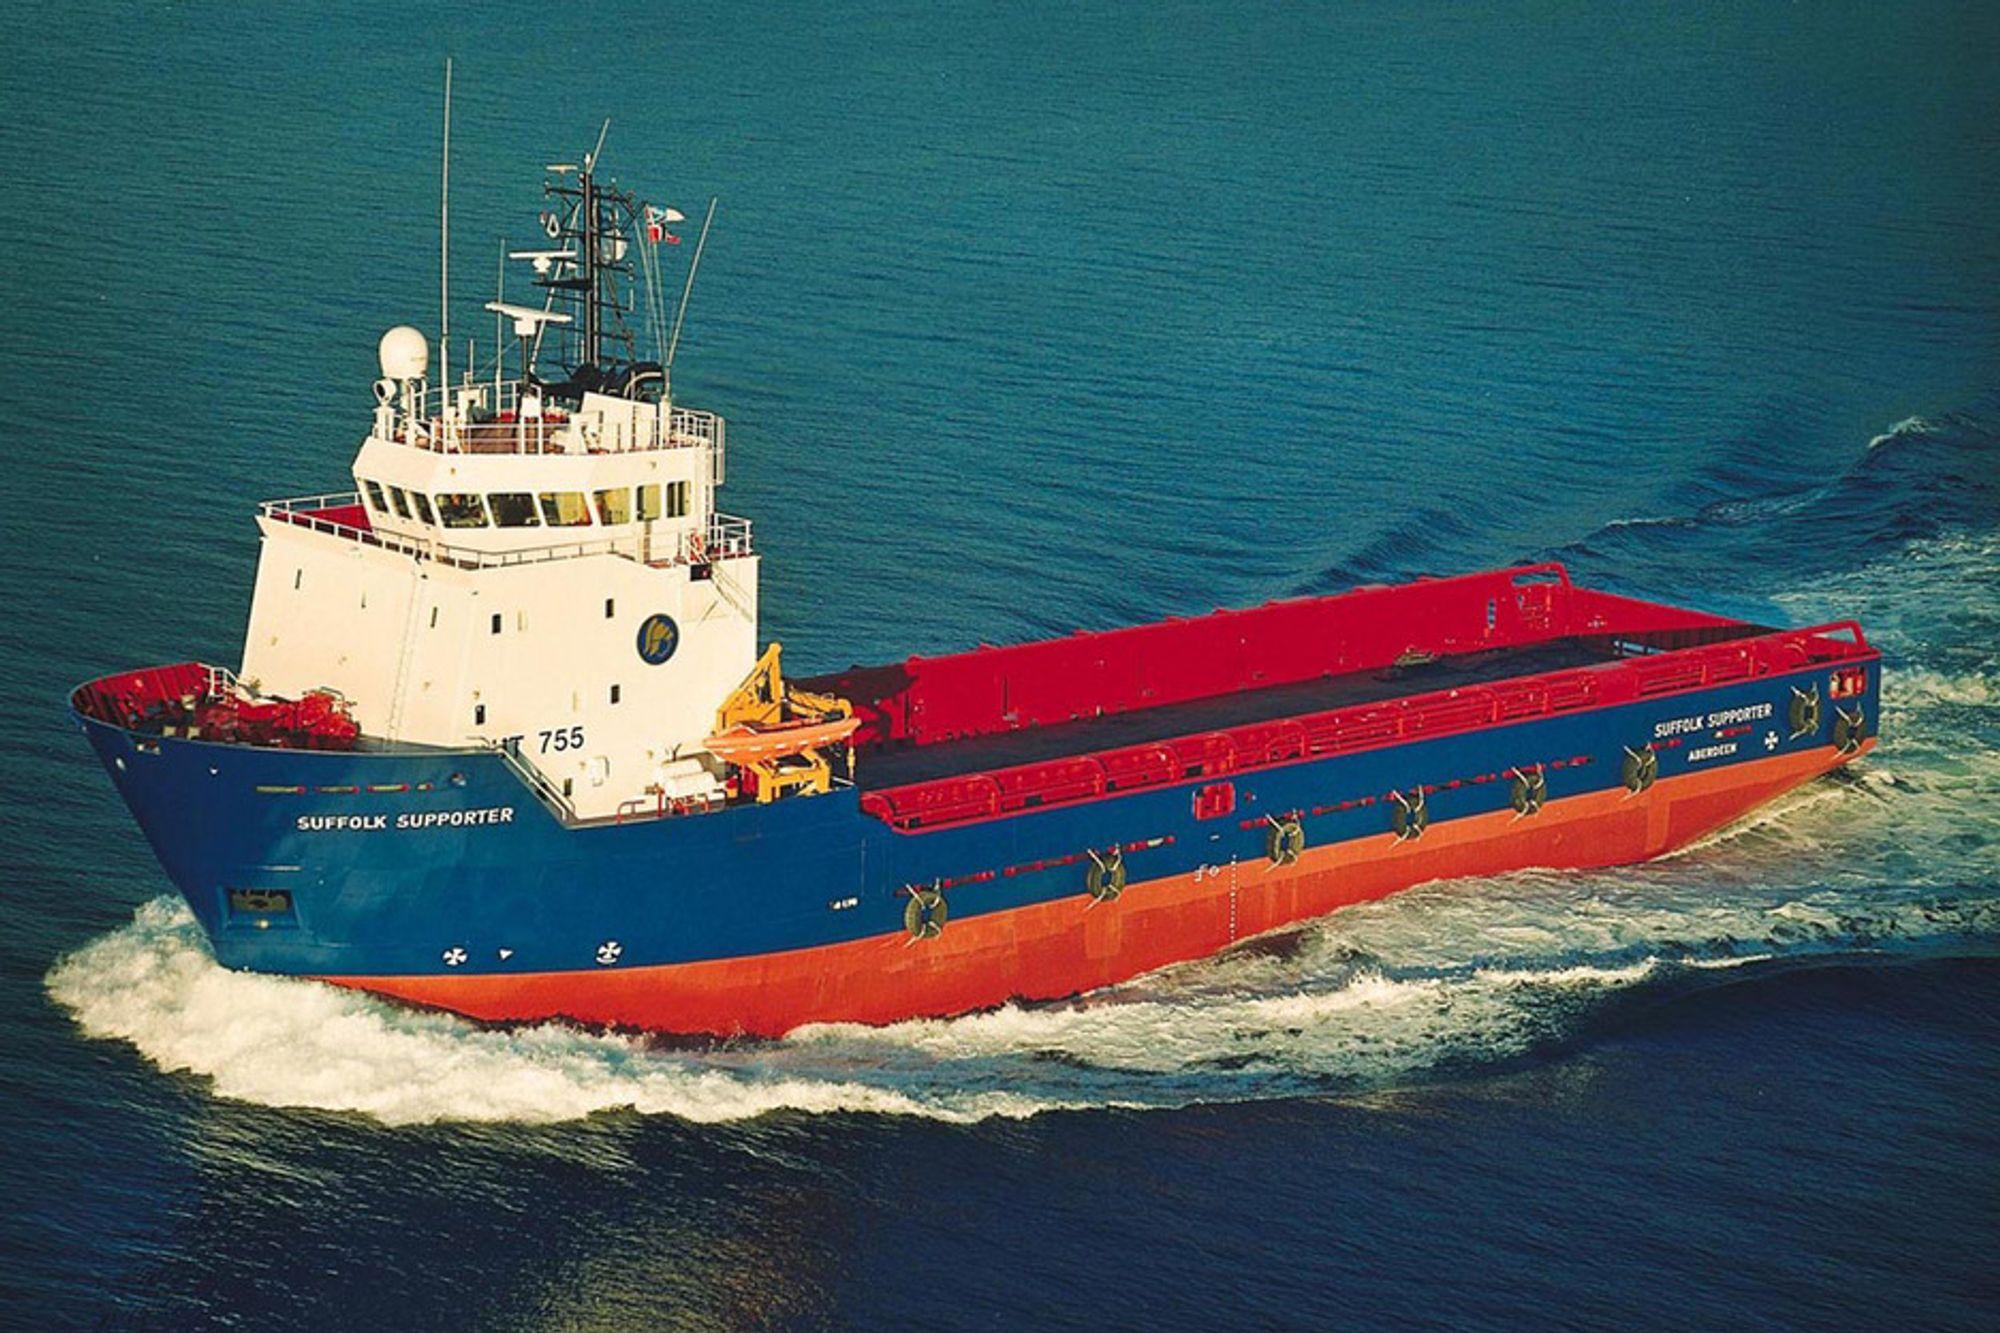 SAMLER OPPLÆRING: Rolls-Royce samler all virksomhet inklusive oppplæring av maritime mannskaper til Ålesund